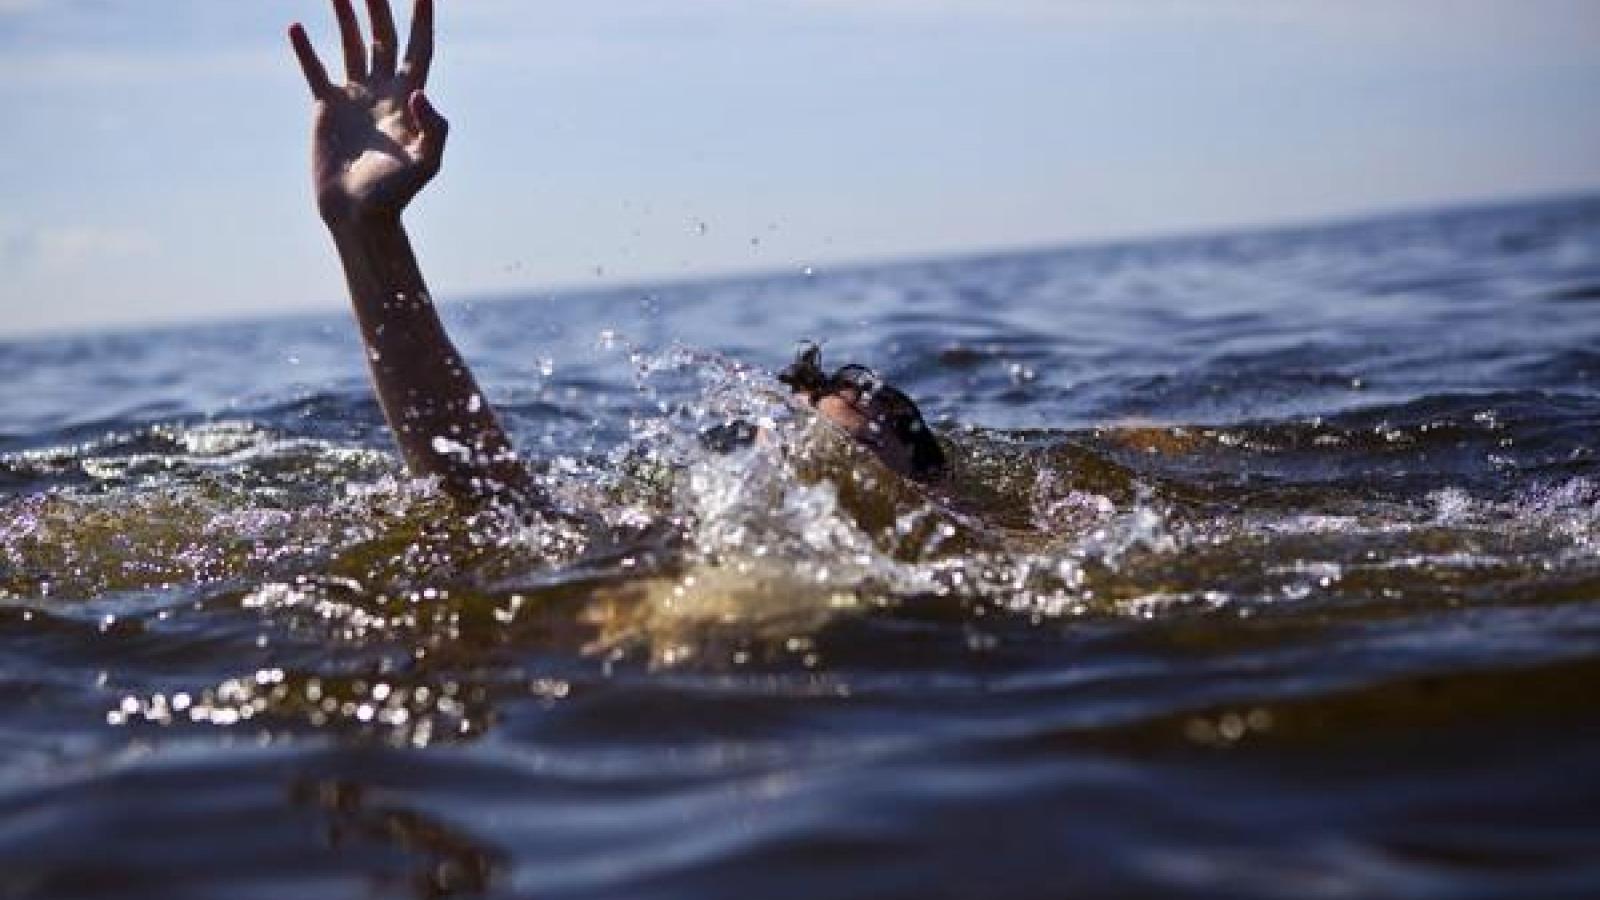 Bất kỳ ai cũng có nguy cơ bị đuối nước nhưng hoàn toàn có thể phòng, chống